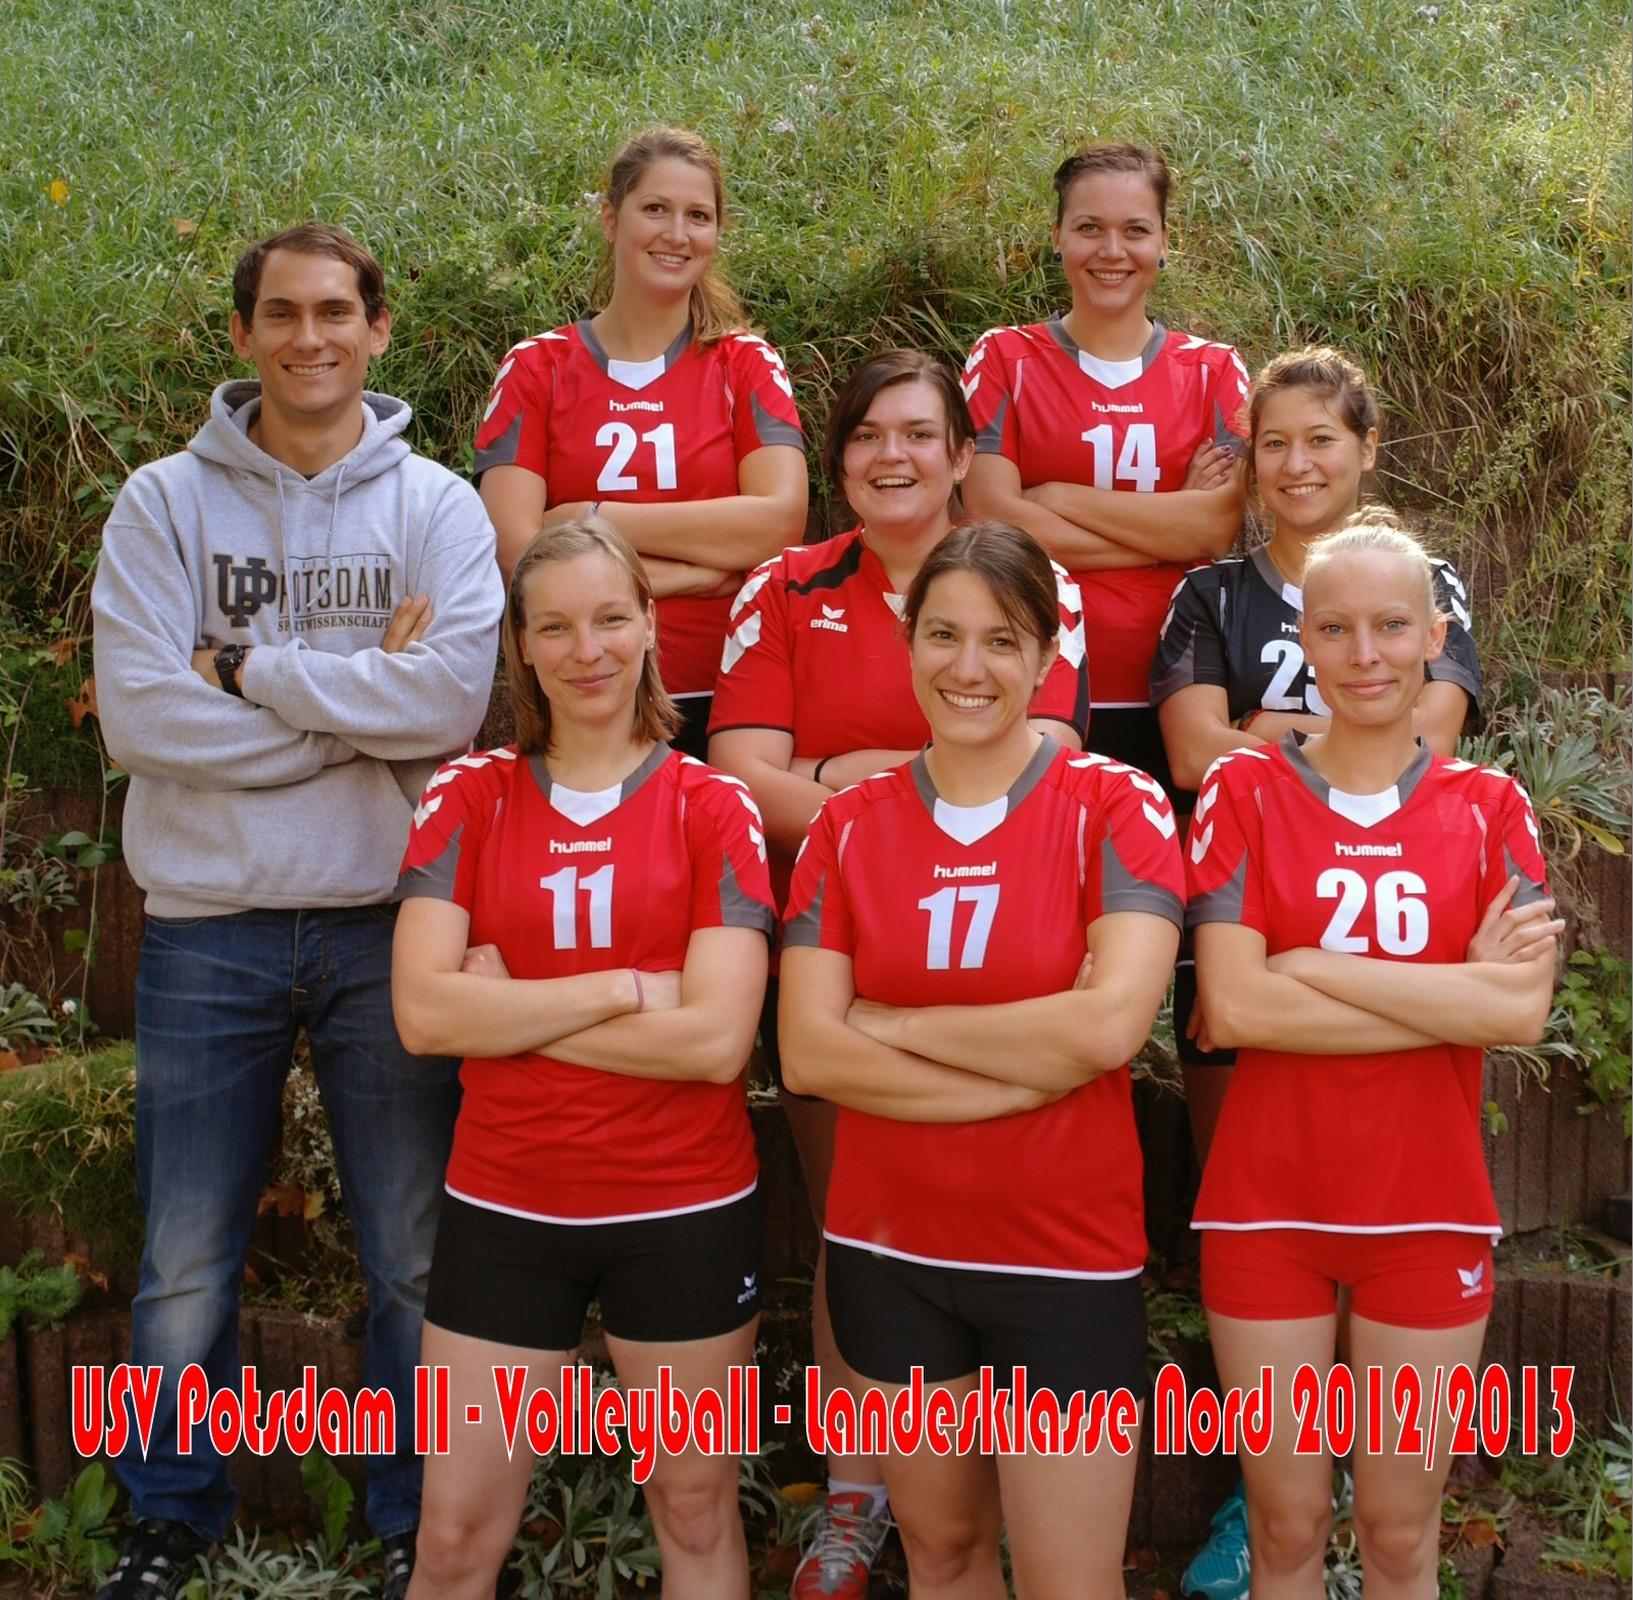 Landesklasse Nord 2012/2013